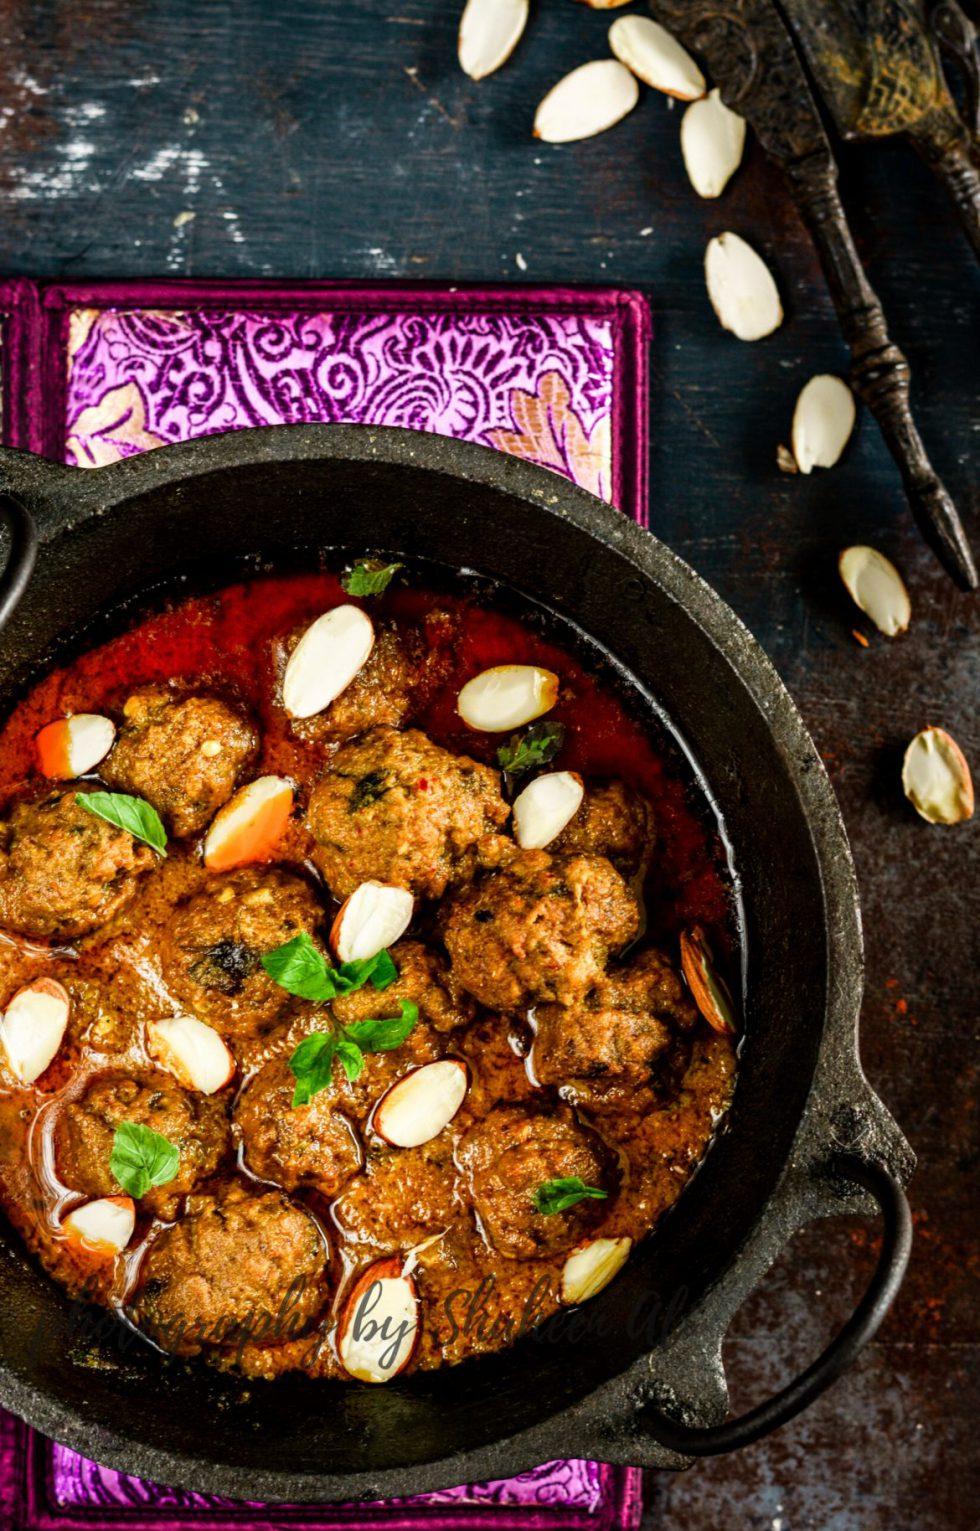 Badami Mutton Kofta – Spicy Meat Balls In Almond Gravy